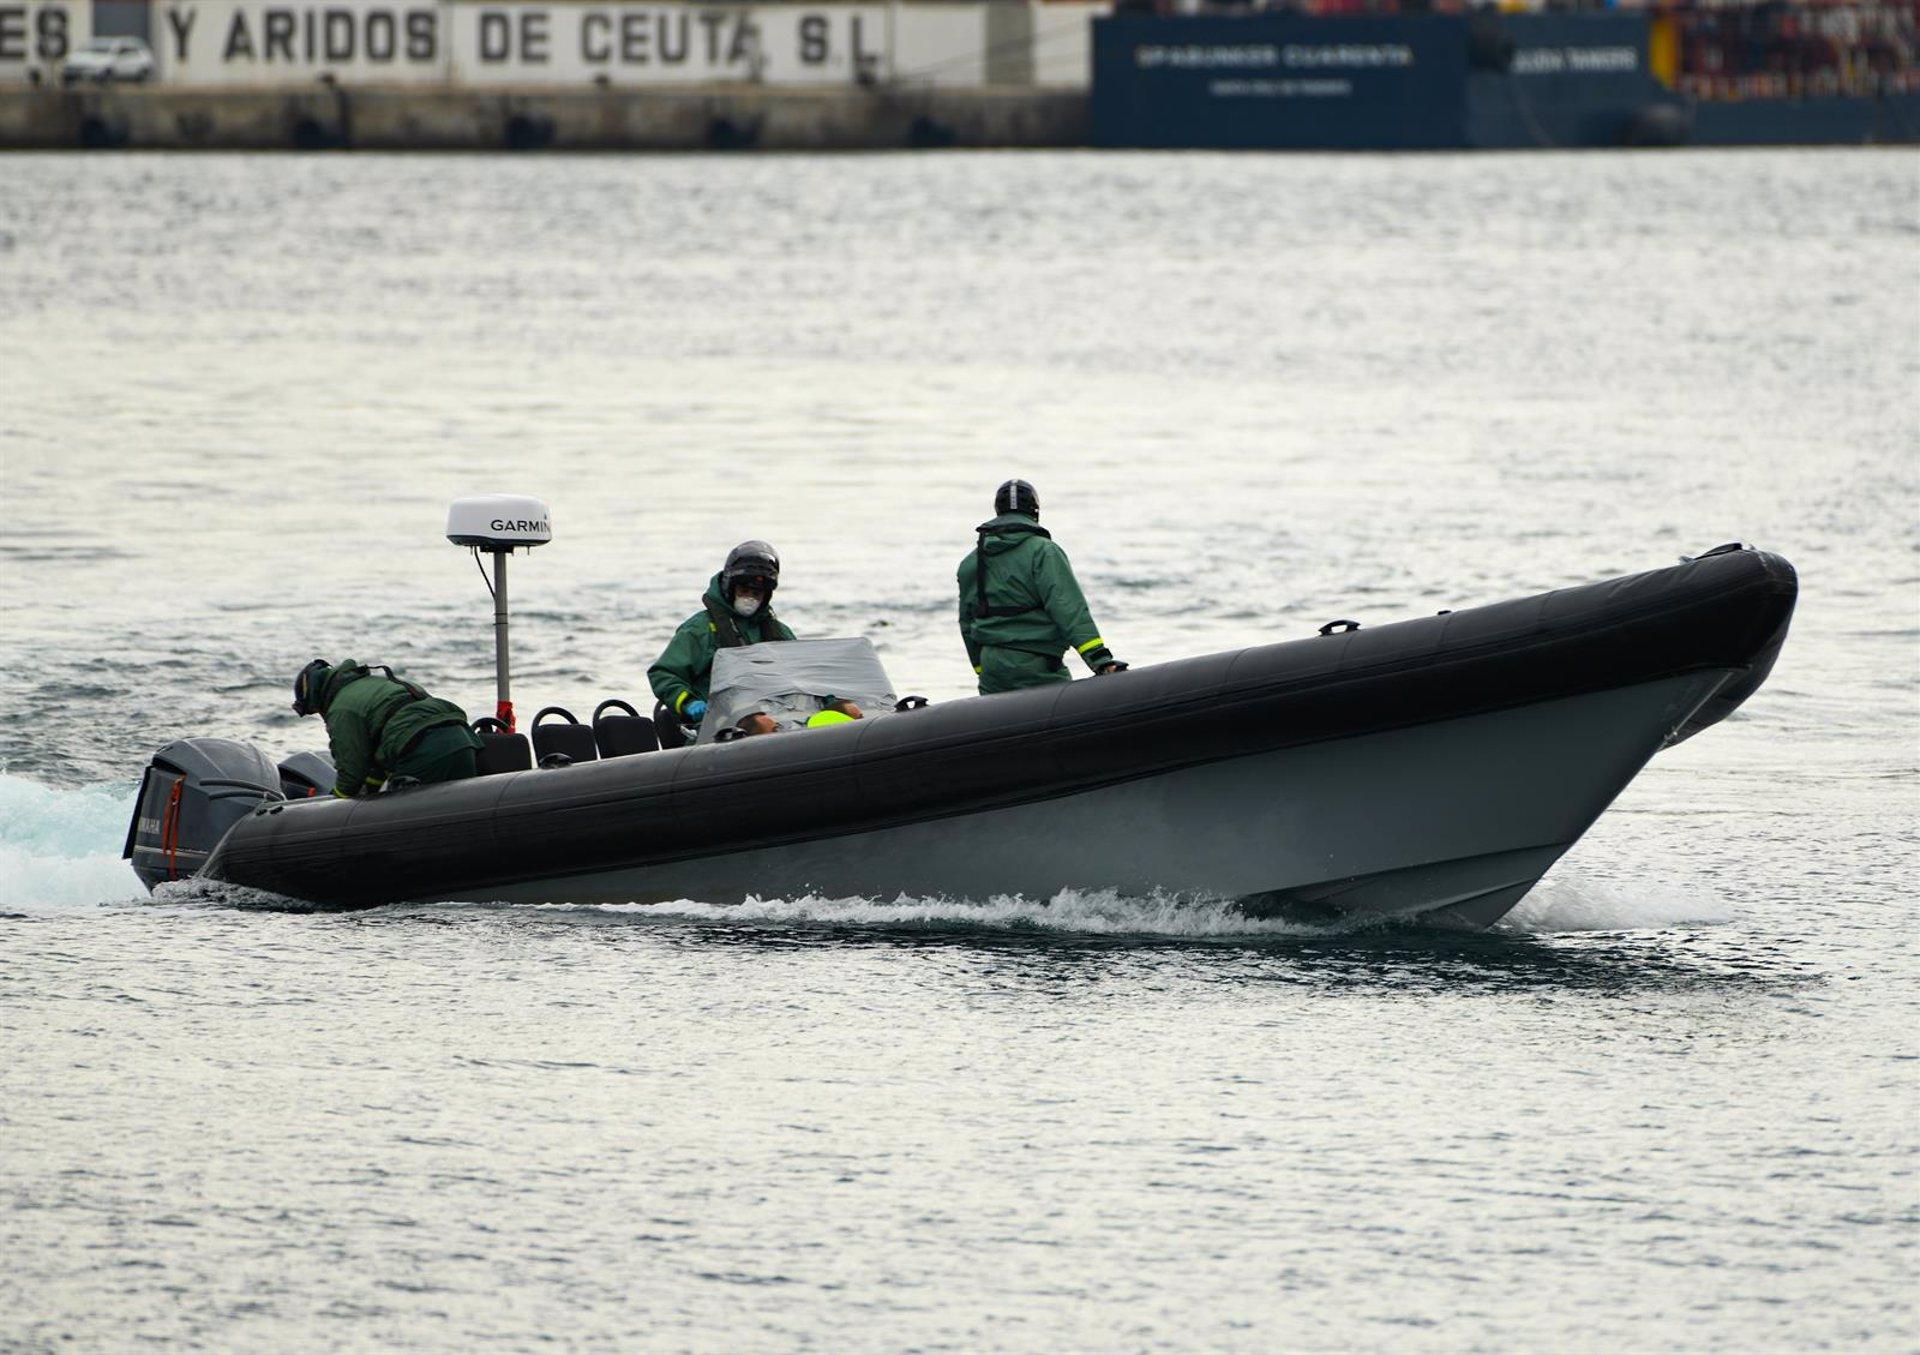 Interceptada una patera con siete inmigrantes y trasladados al Puerto de Motril